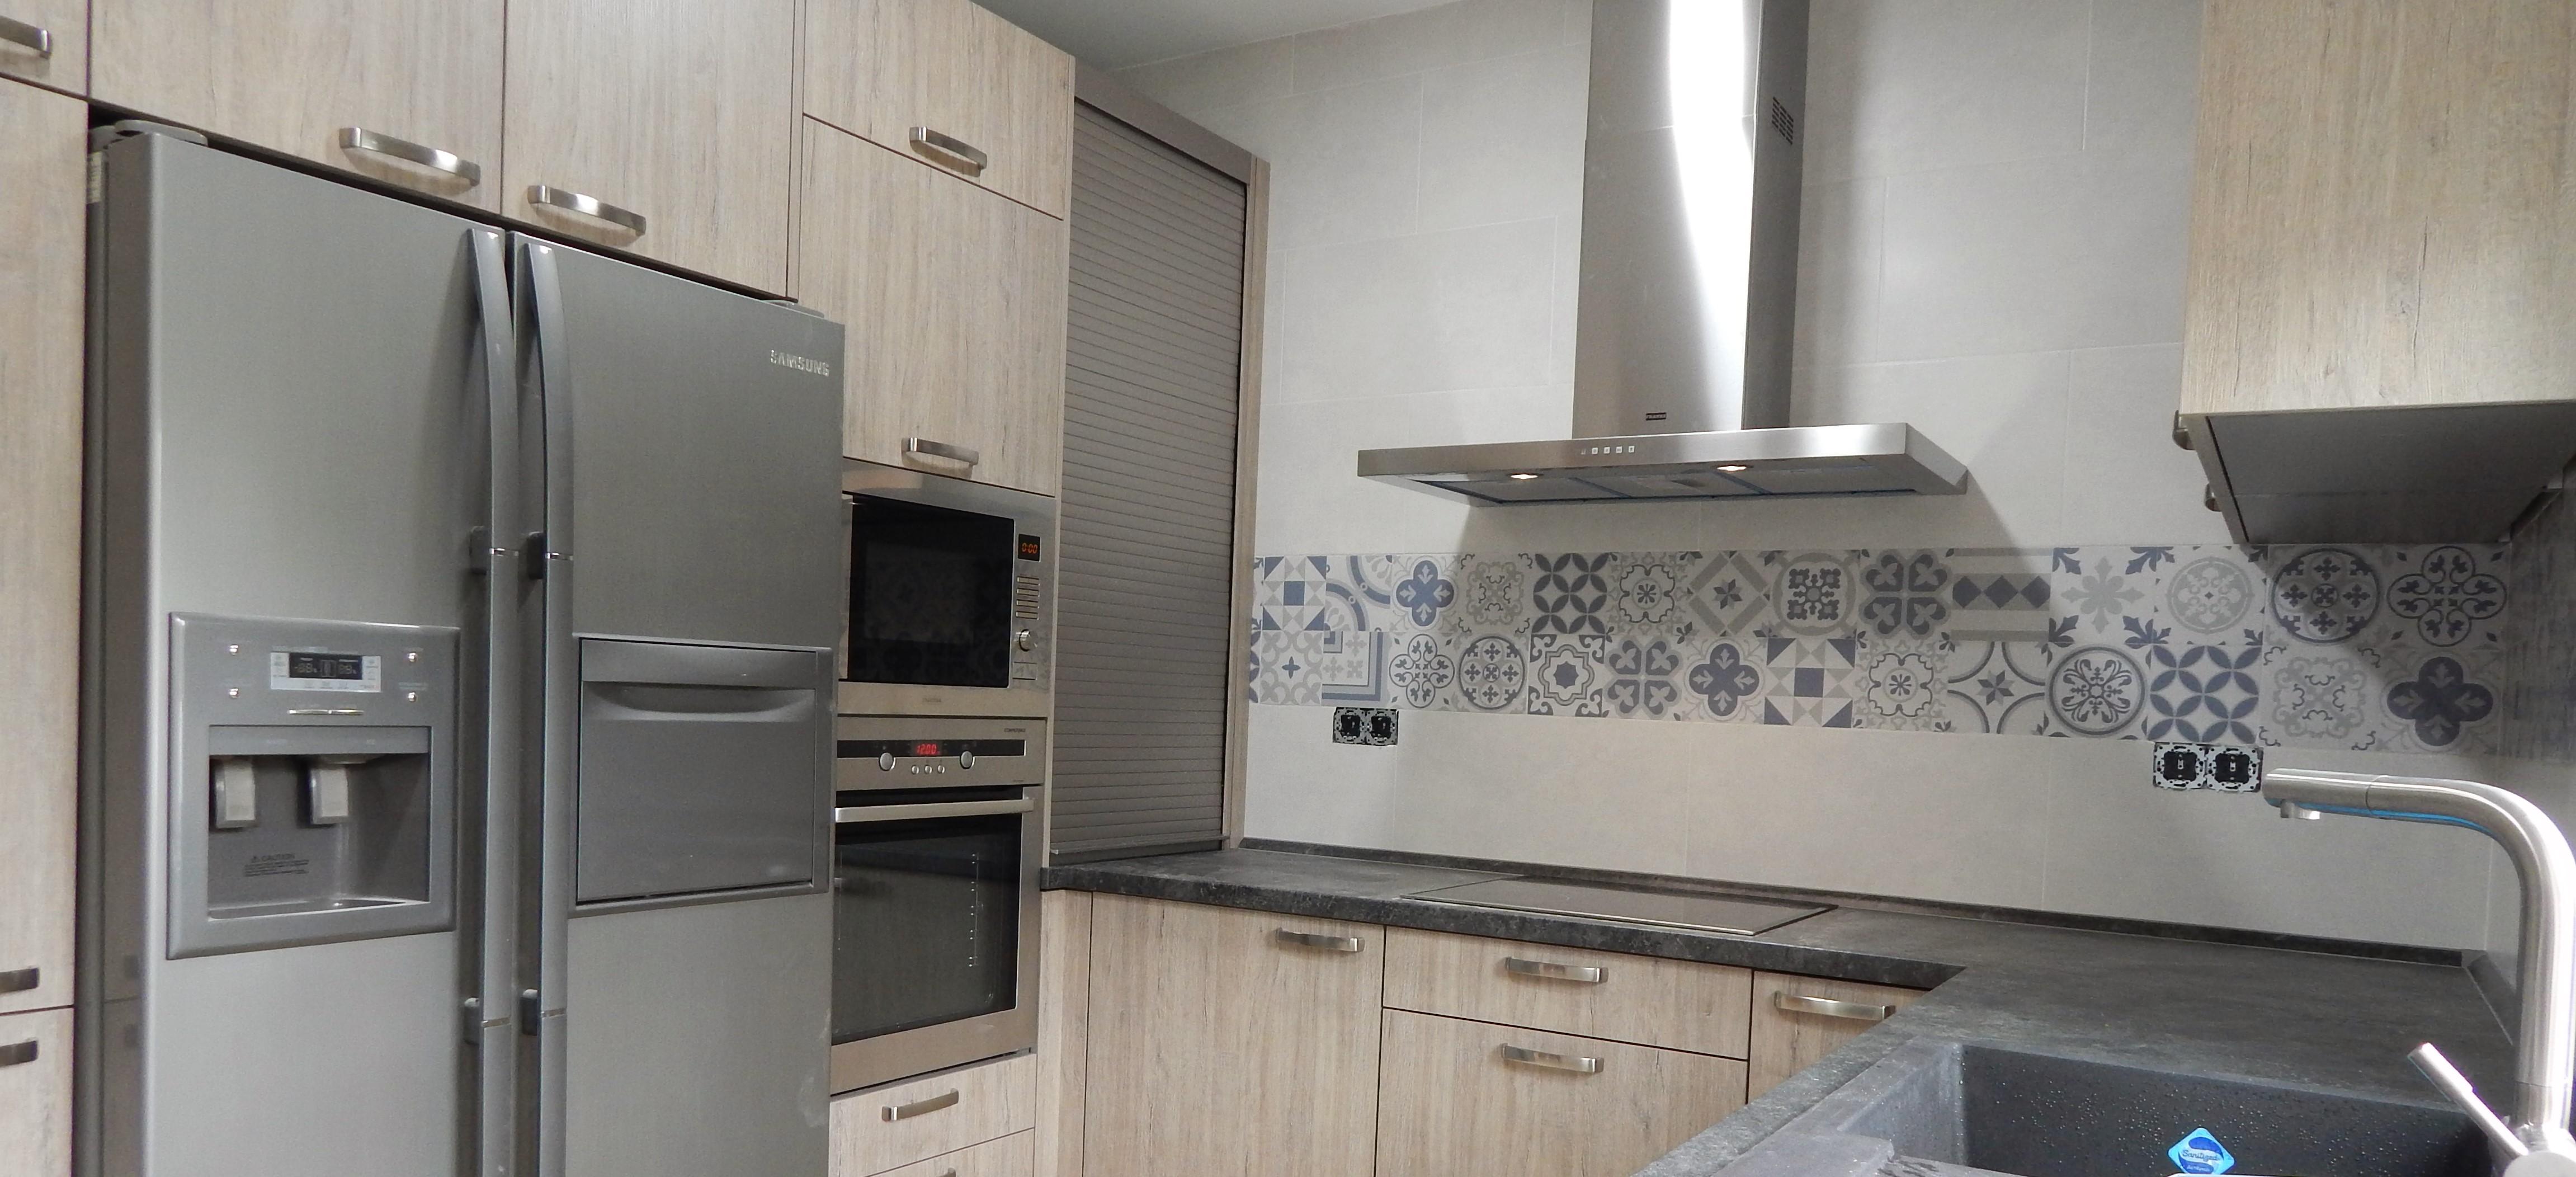 Muebles de cocina roble gris seda for Muebles de cocina gris